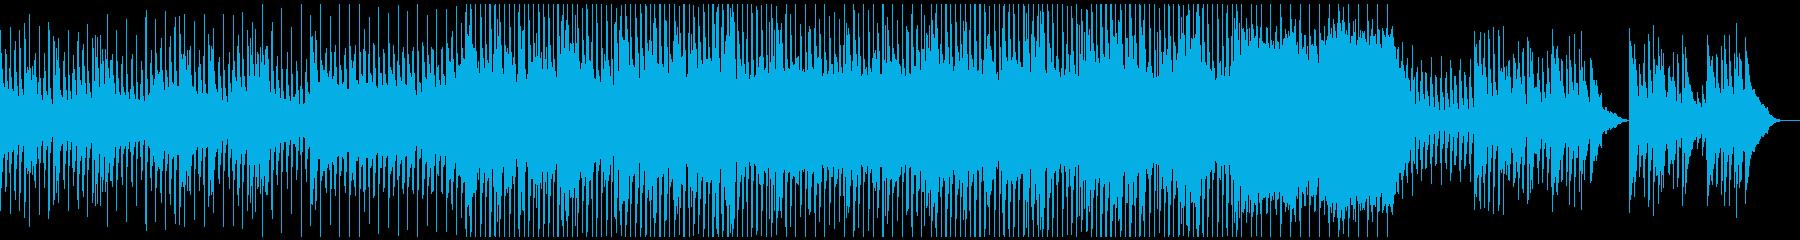 ポップ ロック クラシック 交響曲...の再生済みの波形